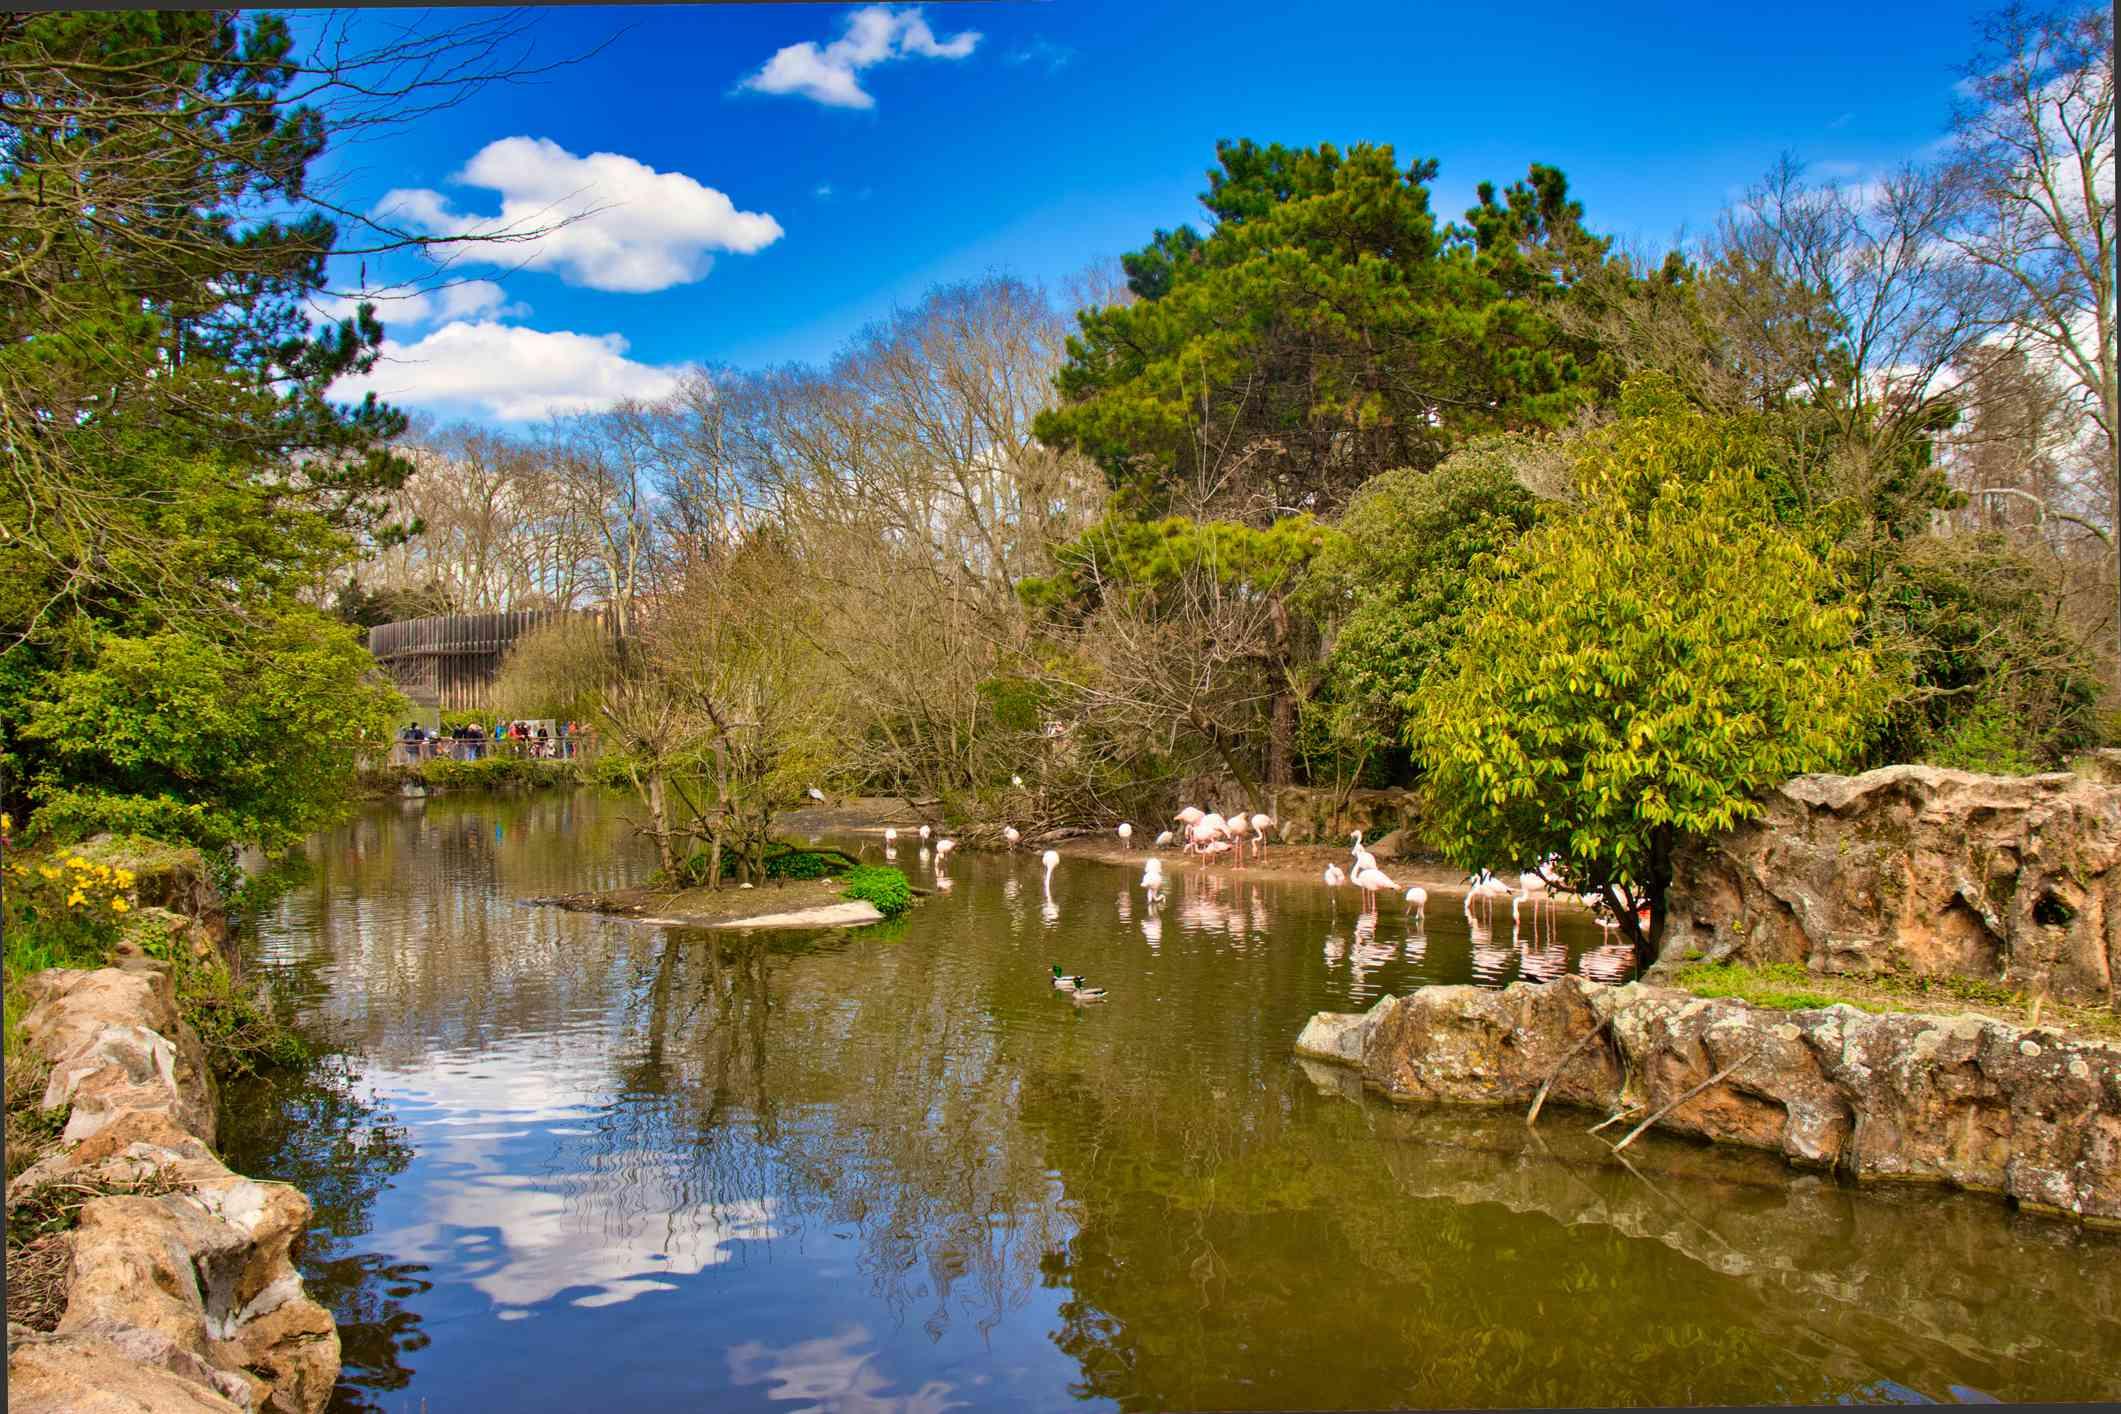 A man-made lake at the Park of the Golden Head (Parc de la Tete d'Or) Lyon, France